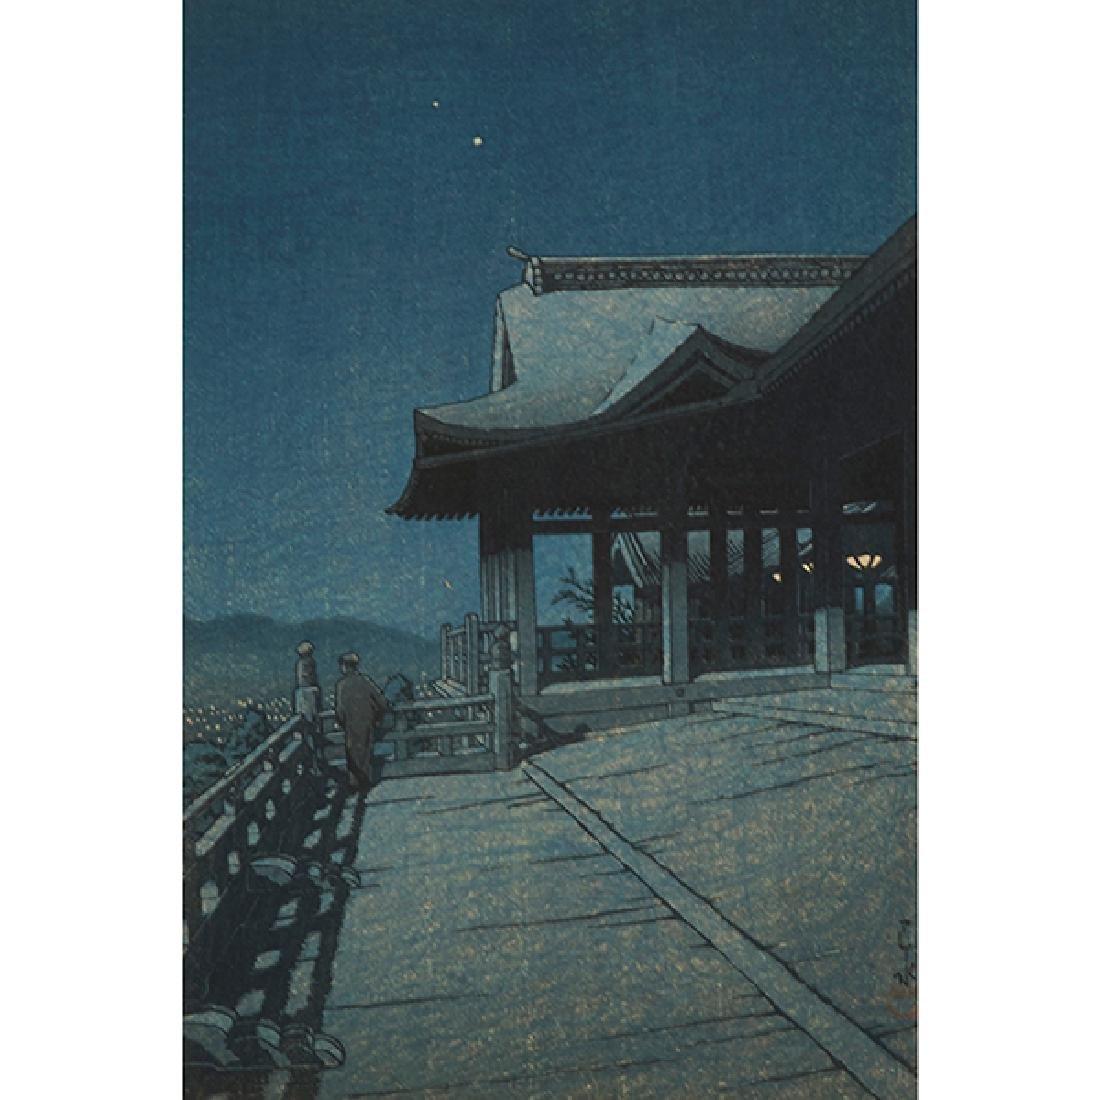 Hasui Kawase, (Japanese, 1883-1957), Omiya Hikawakoen